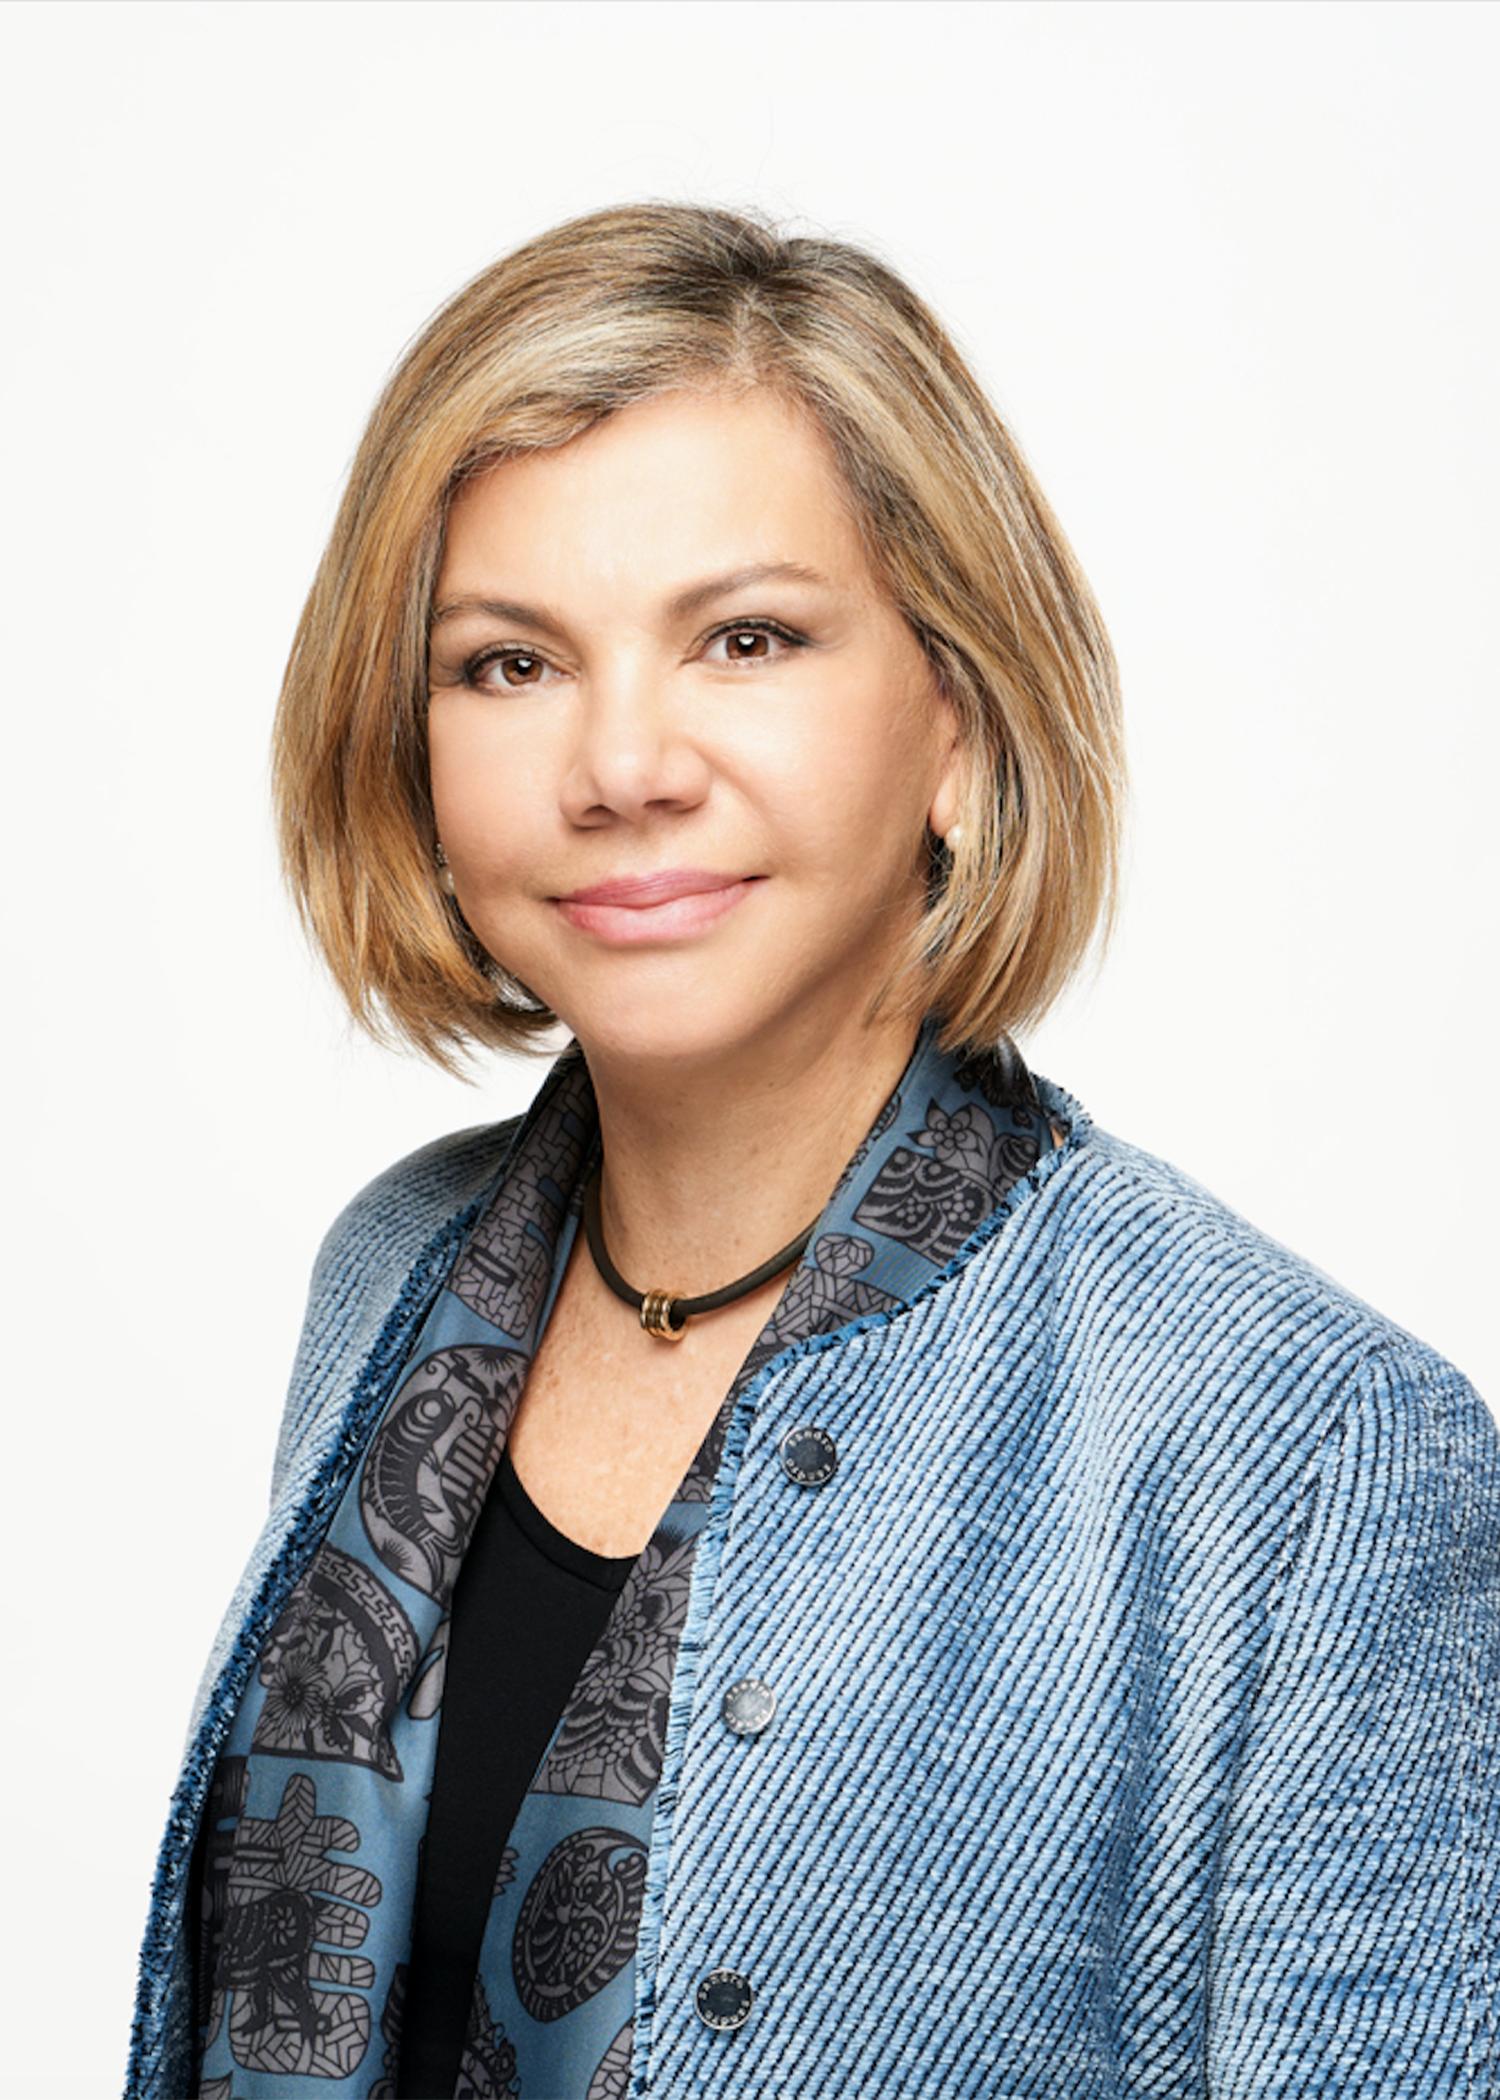 Giannella Alvarez Headshot